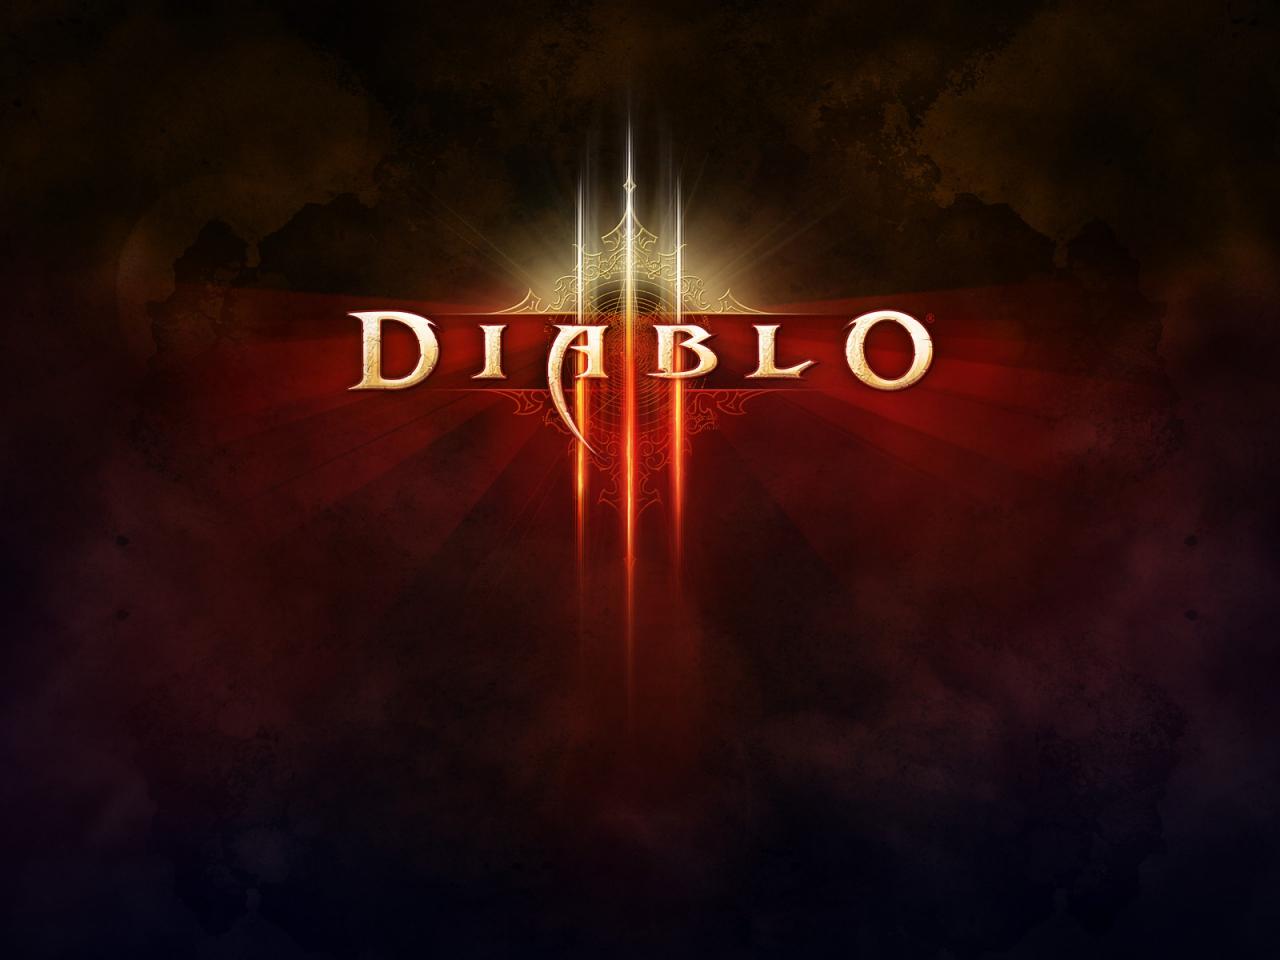 Diablo 3 - 1280x960